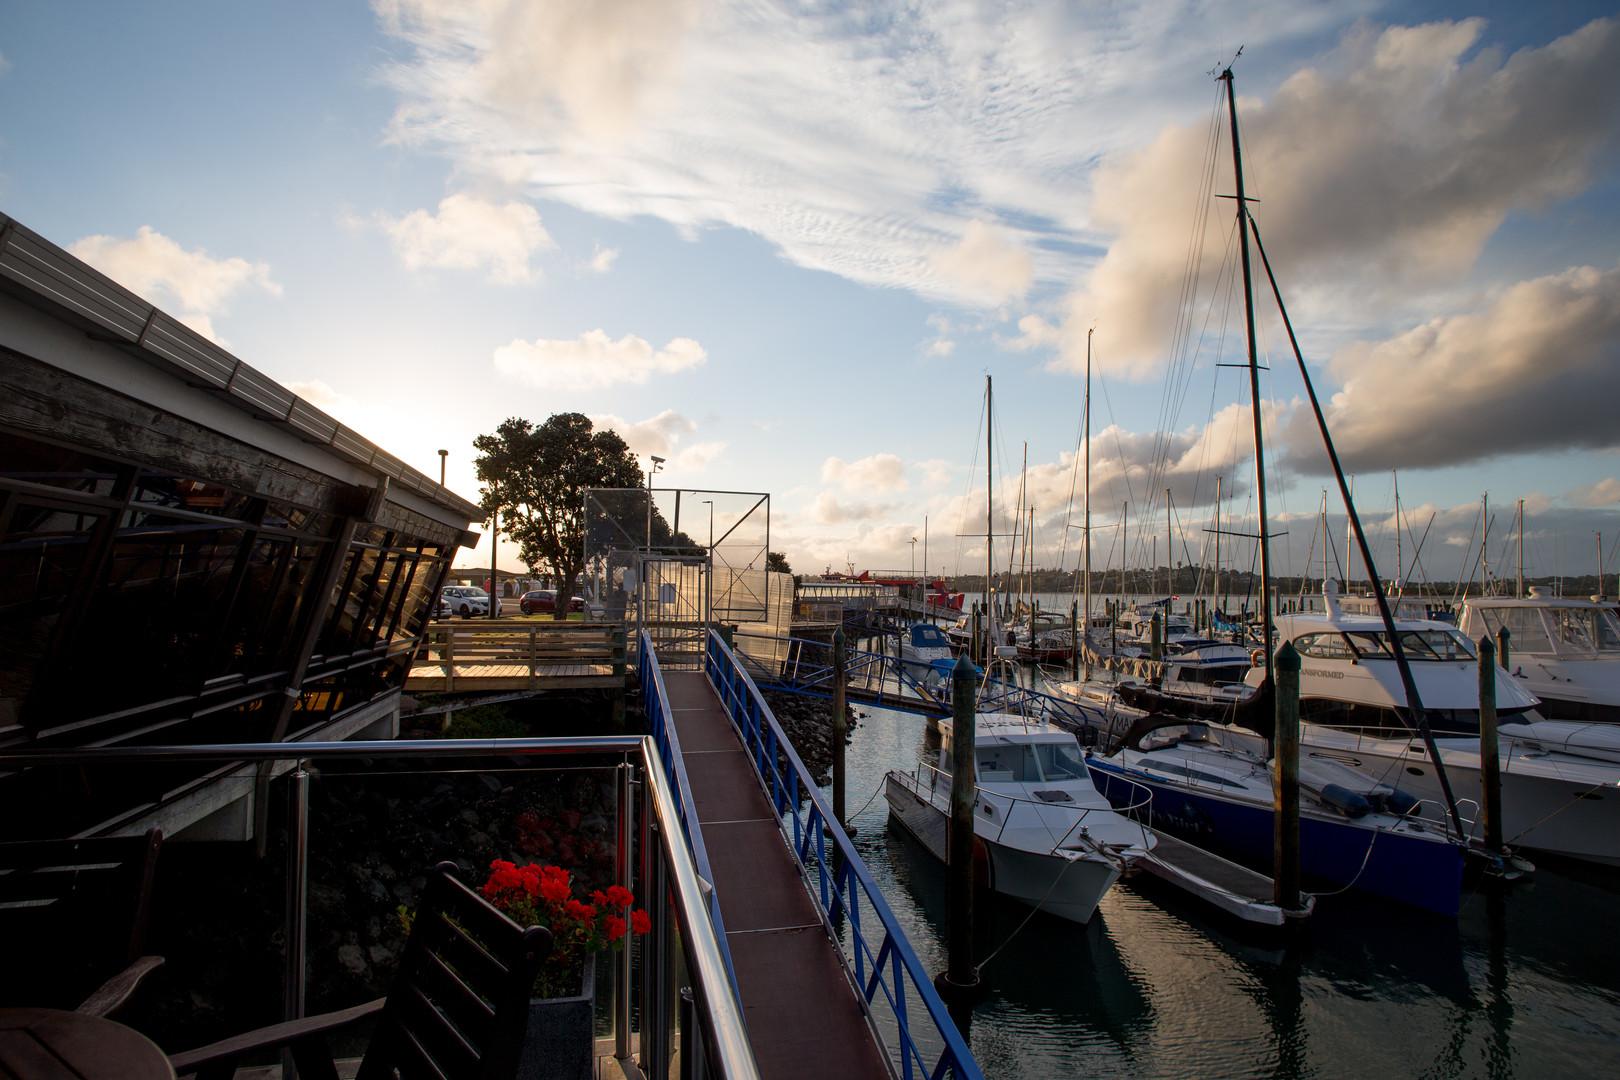 BBYC Marina